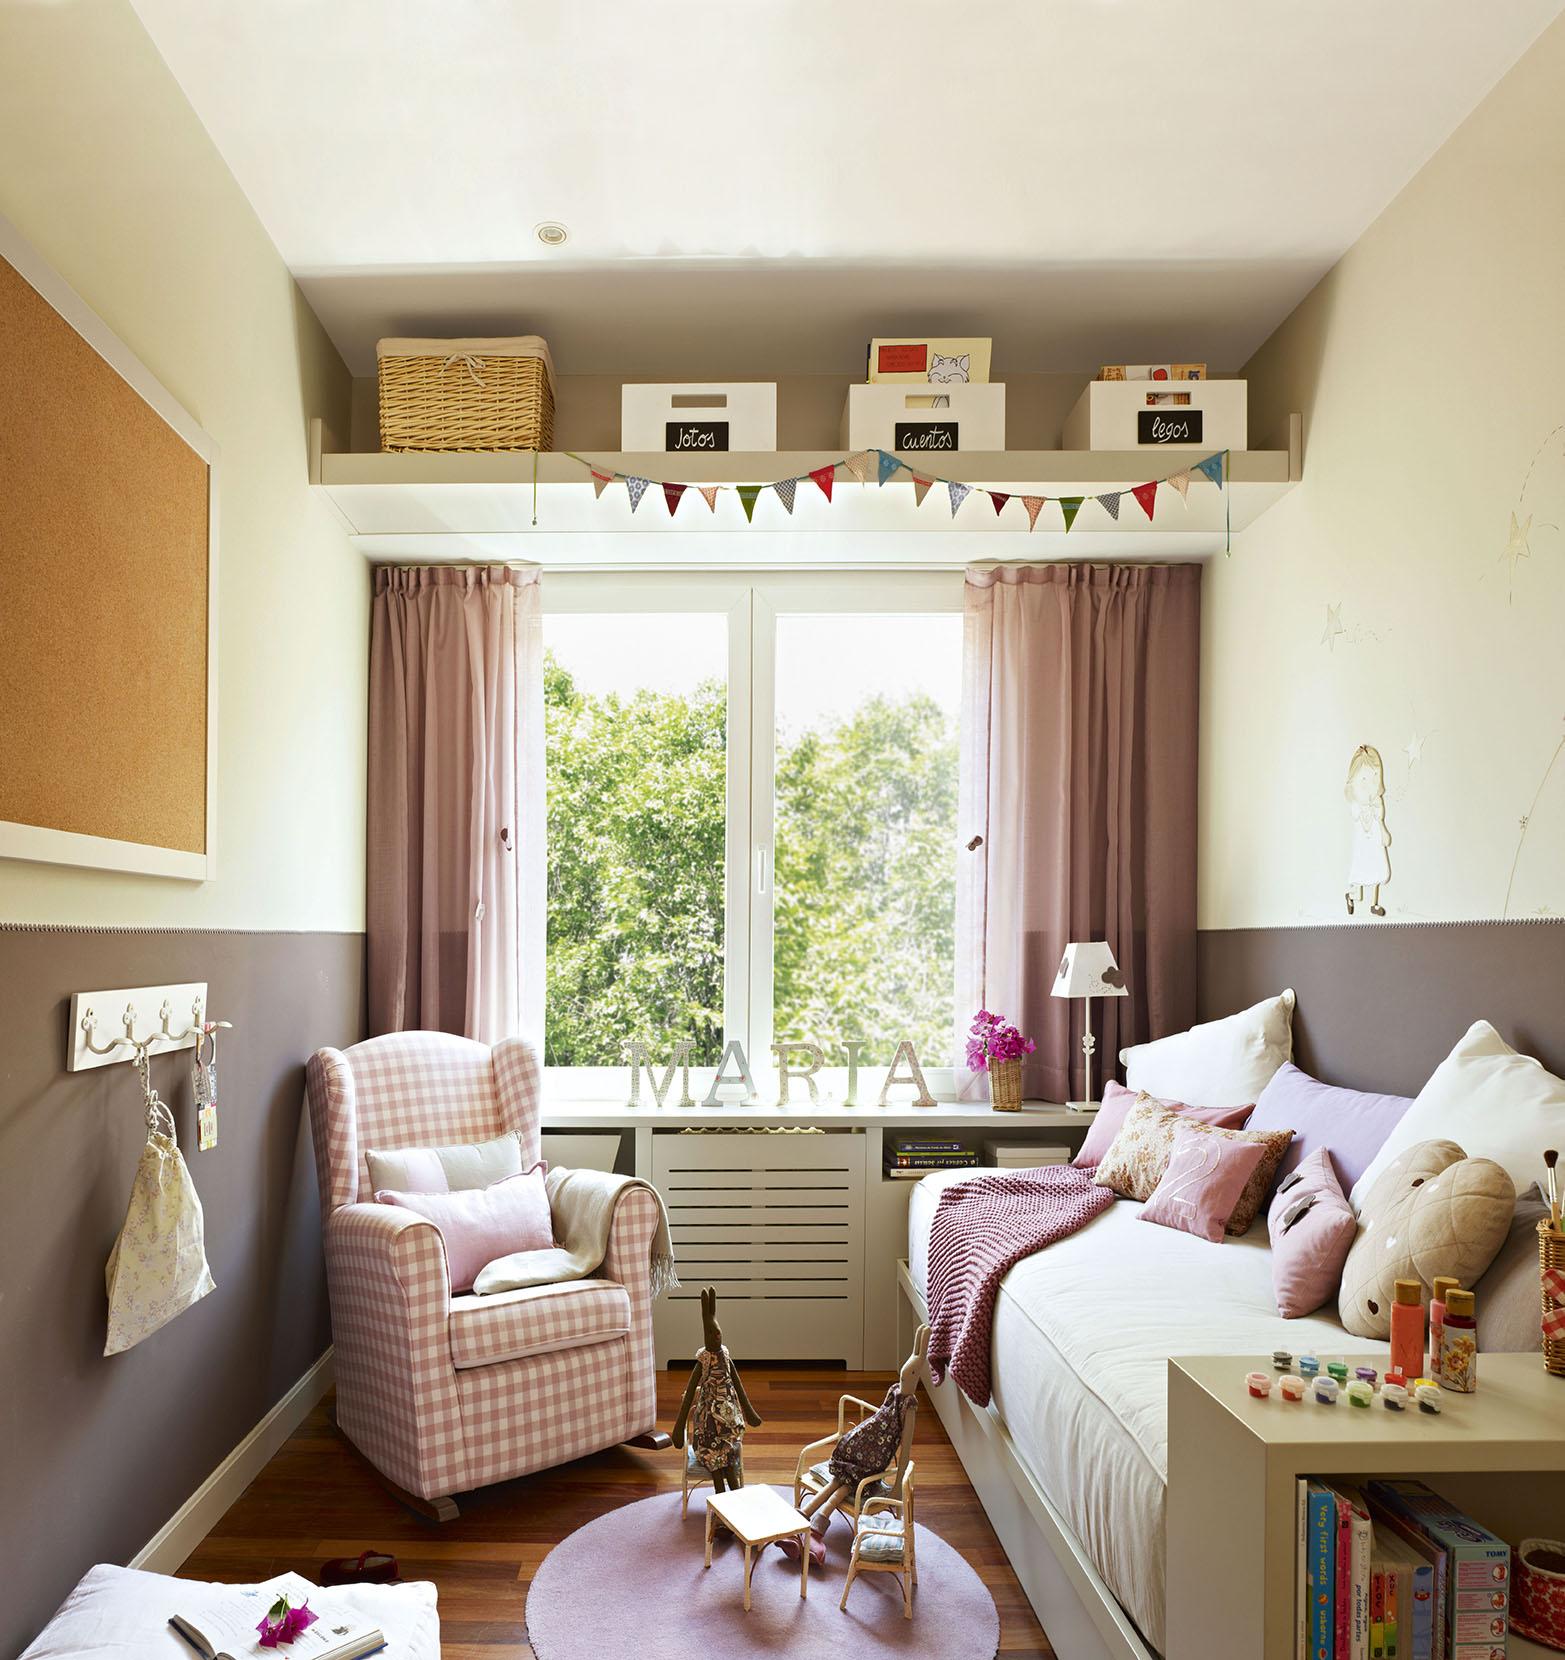 Soluciones para cuartos de ni os peque os - Soluciones para dormitorios pequenos ...